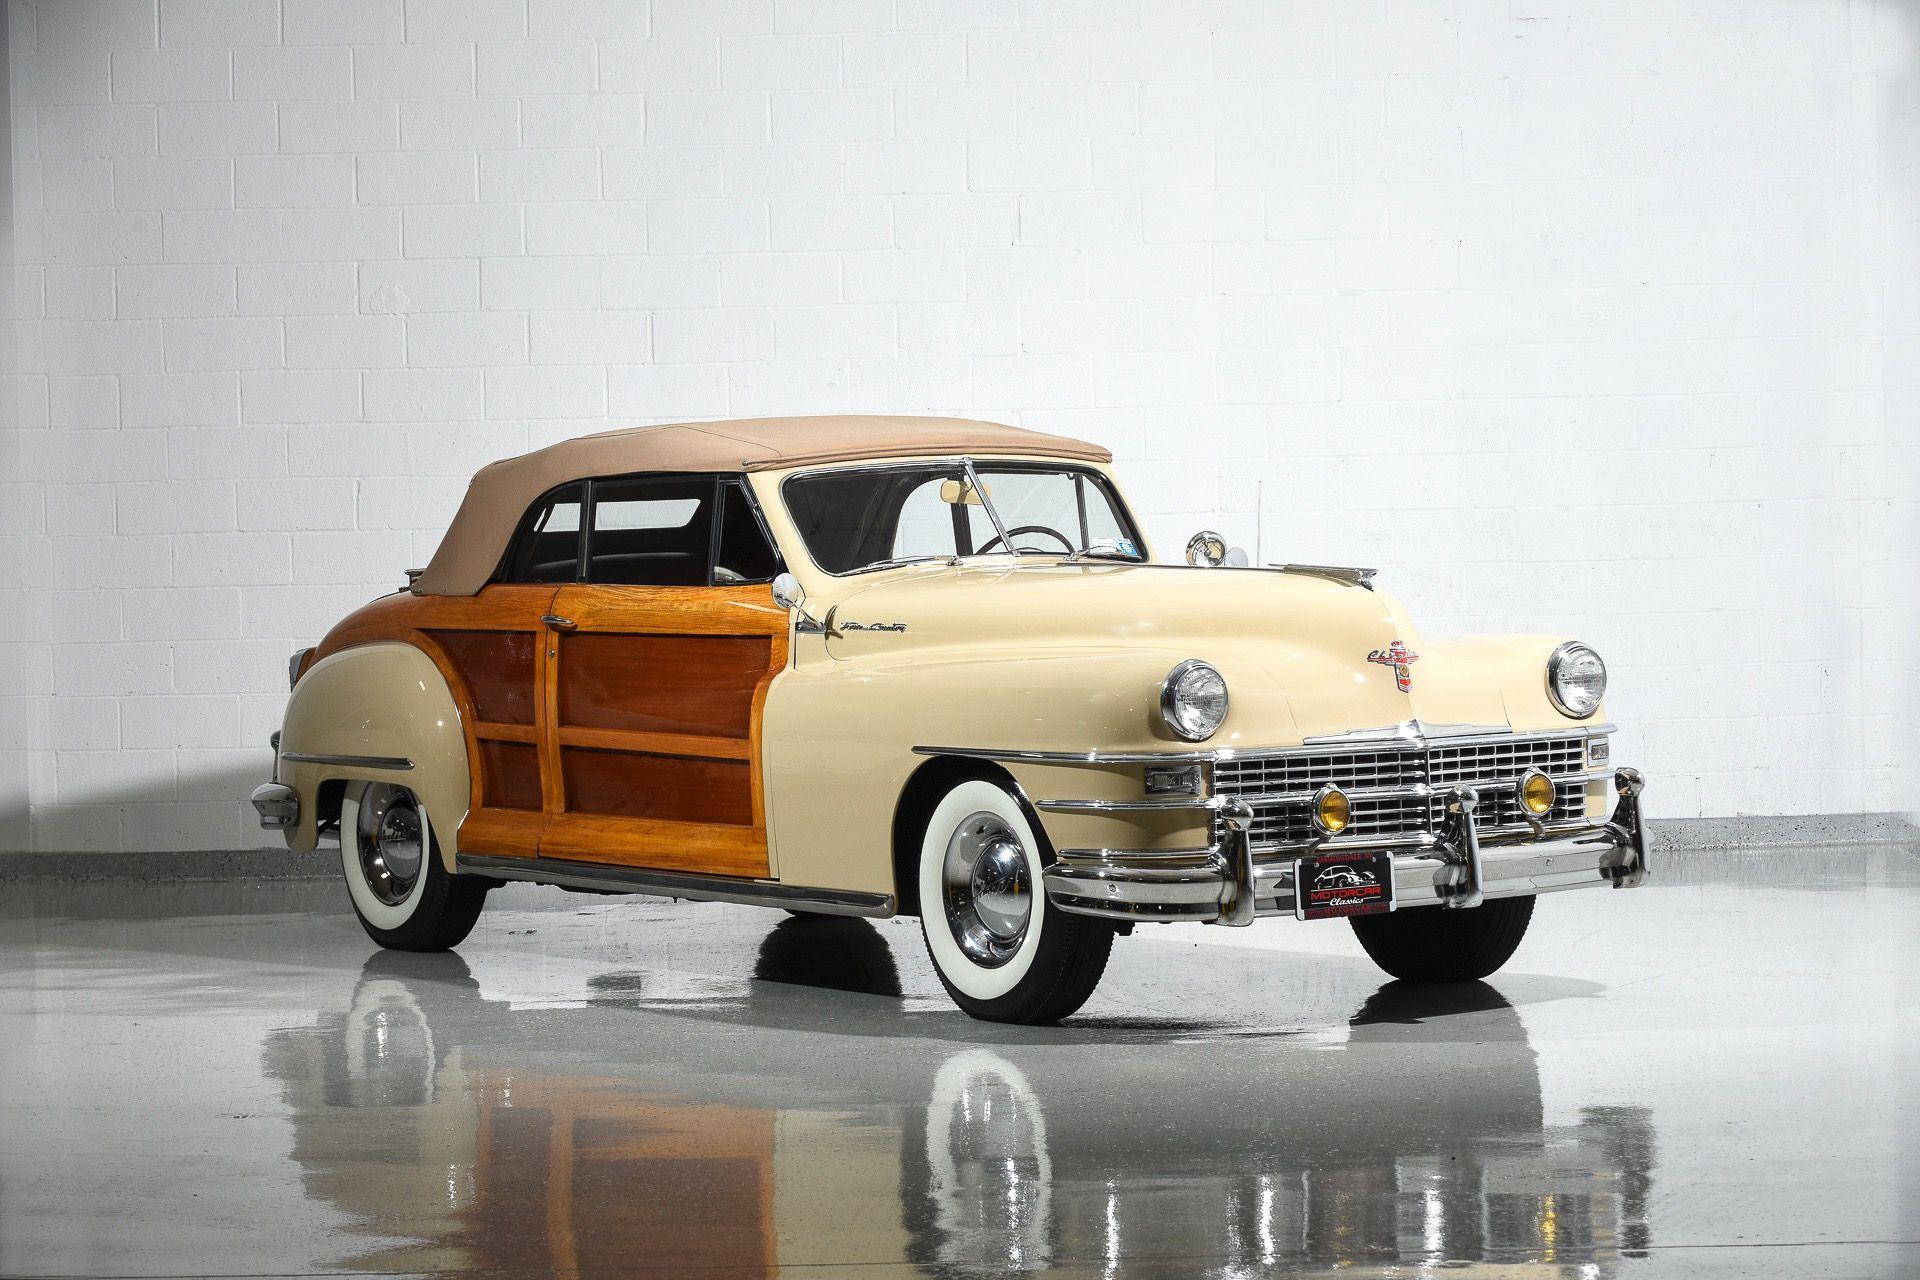 0633130feb340d906316d25055d9fec6 Great Description About 1955 Chrysler 300 for Sale with Inspiring Images Cars Review